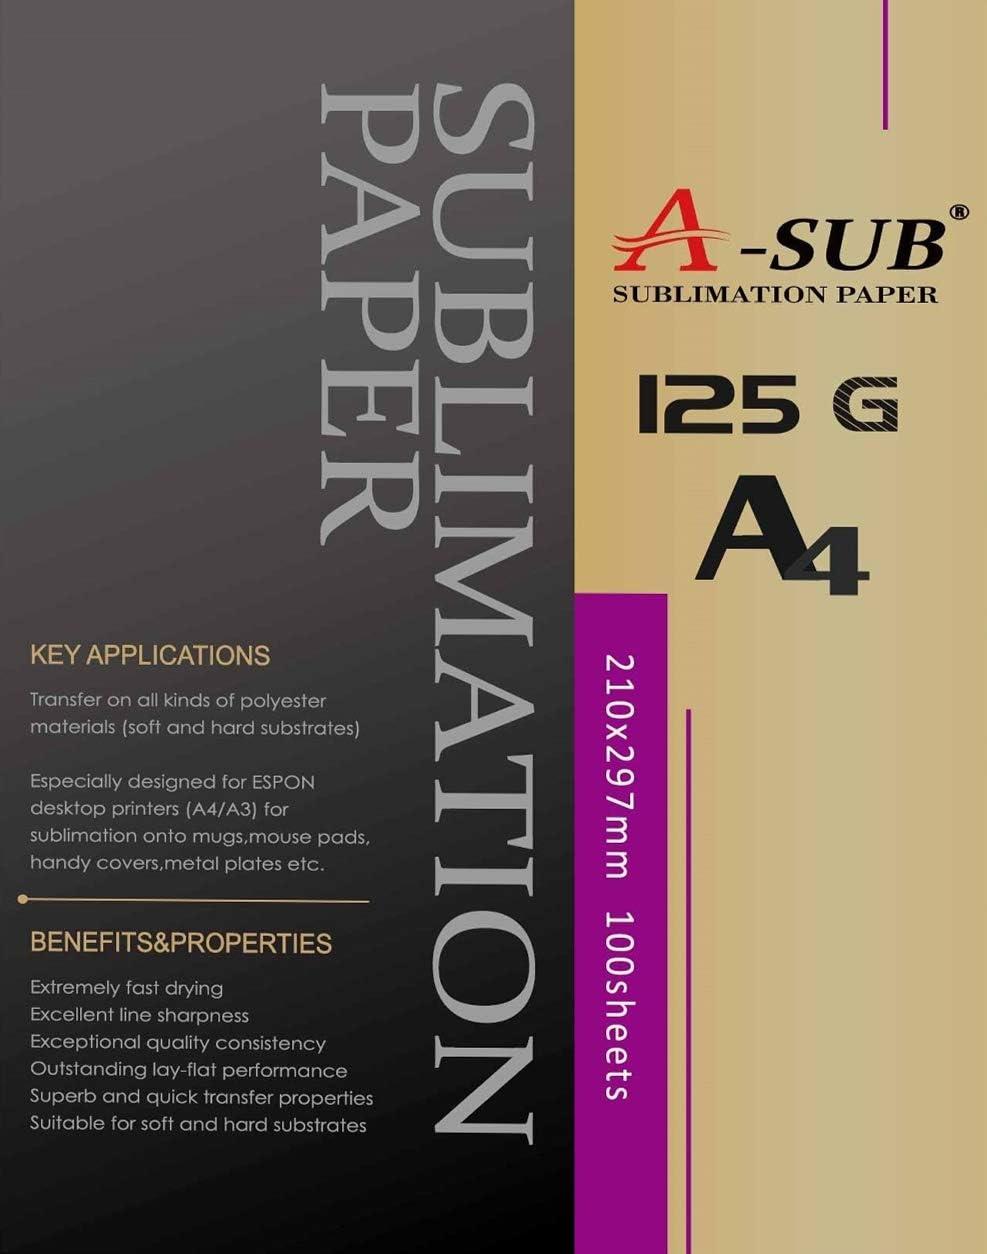 A-SUB papel de sublimación A4 para impresoras EPSON ME Series, RICOH GX Series y SAWGRASS, 100 hojas